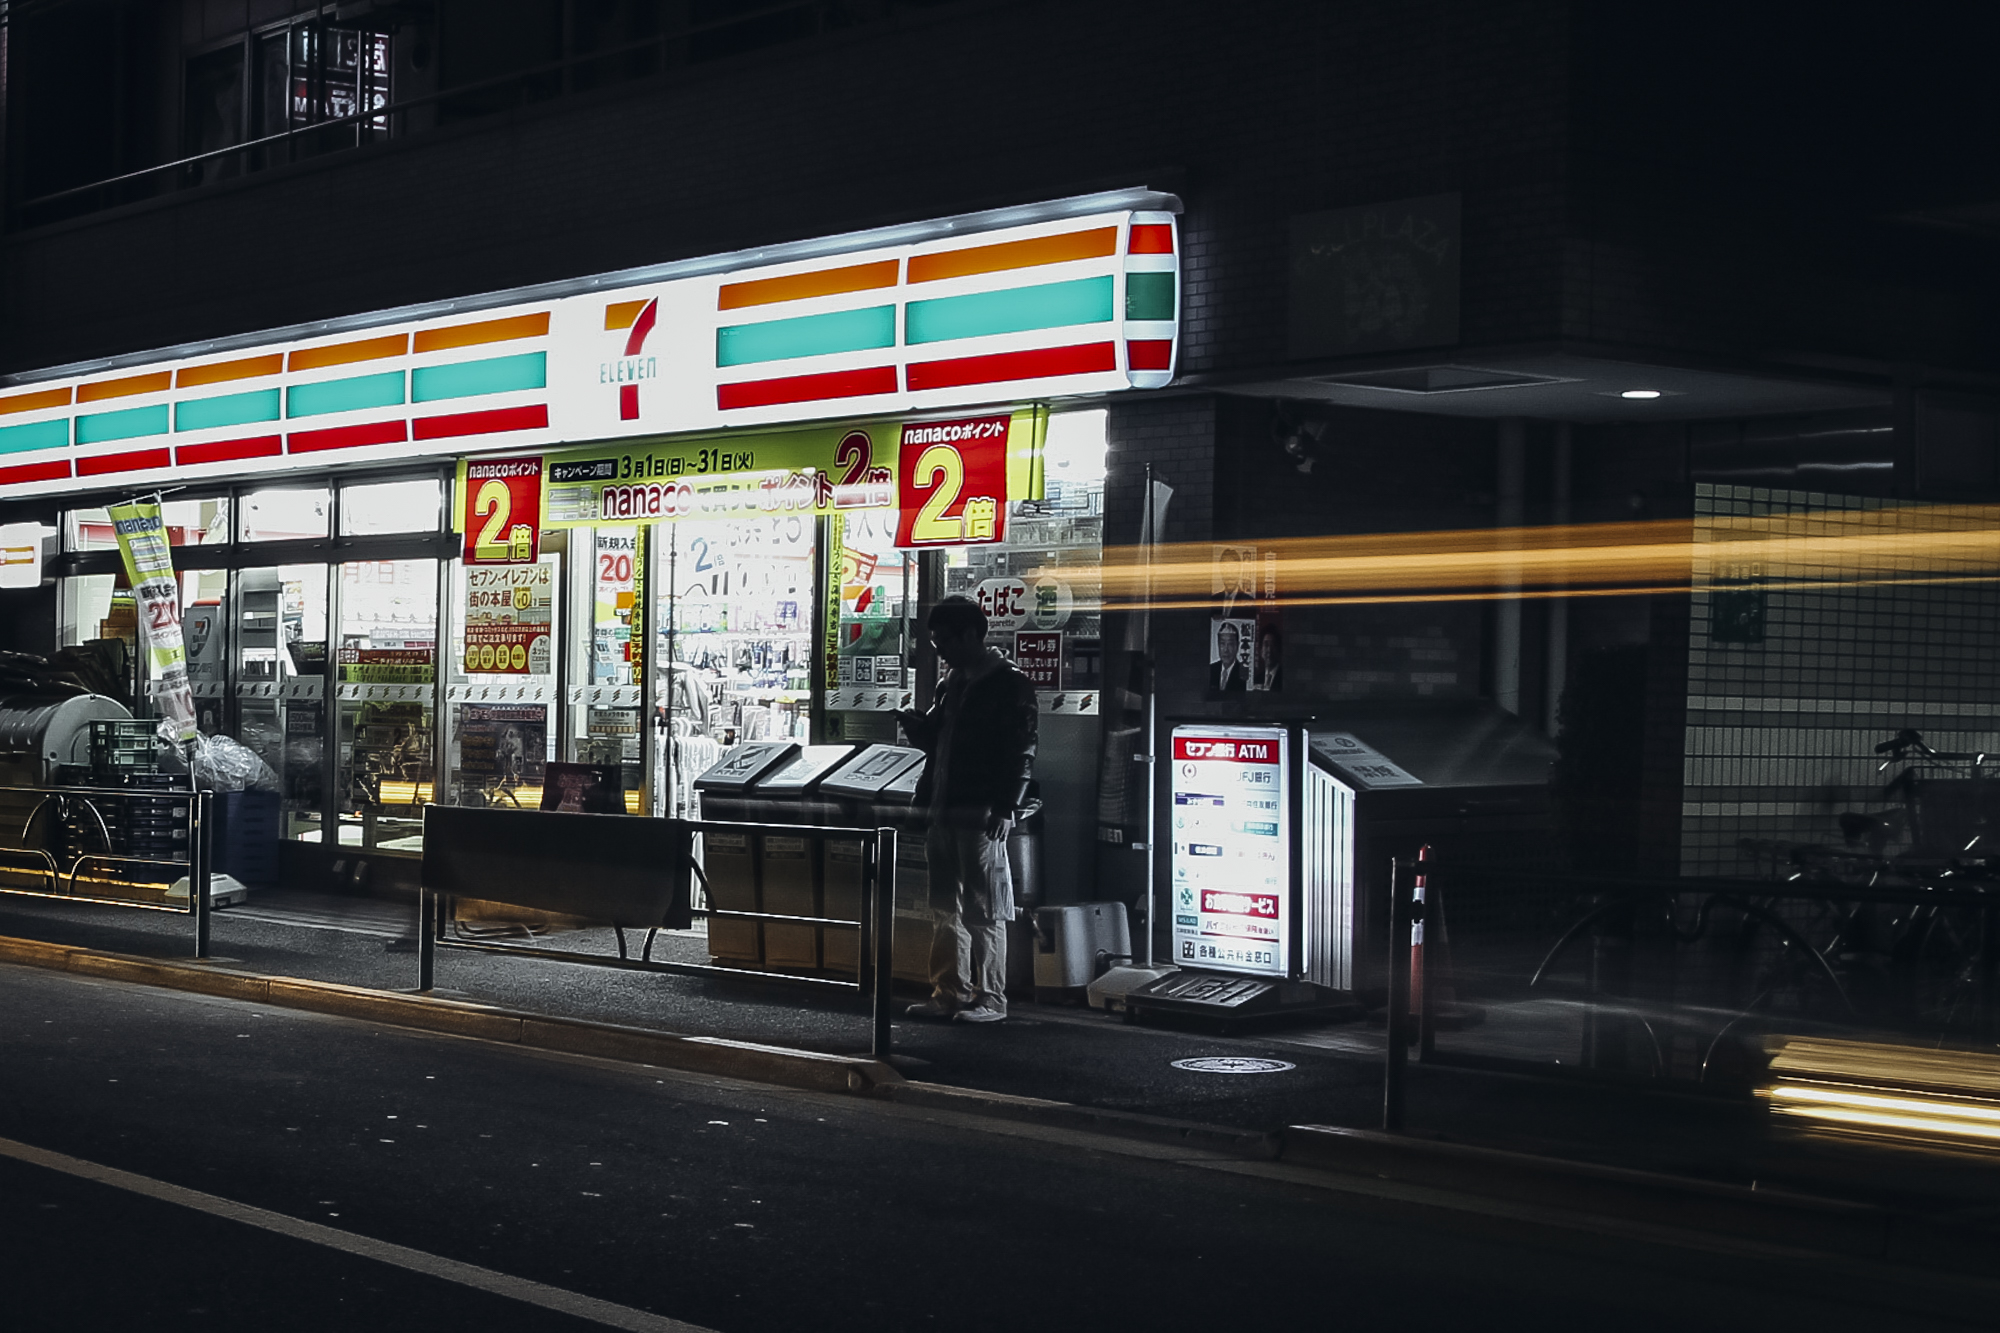 nakano-ku, 7-eleven, tokyo